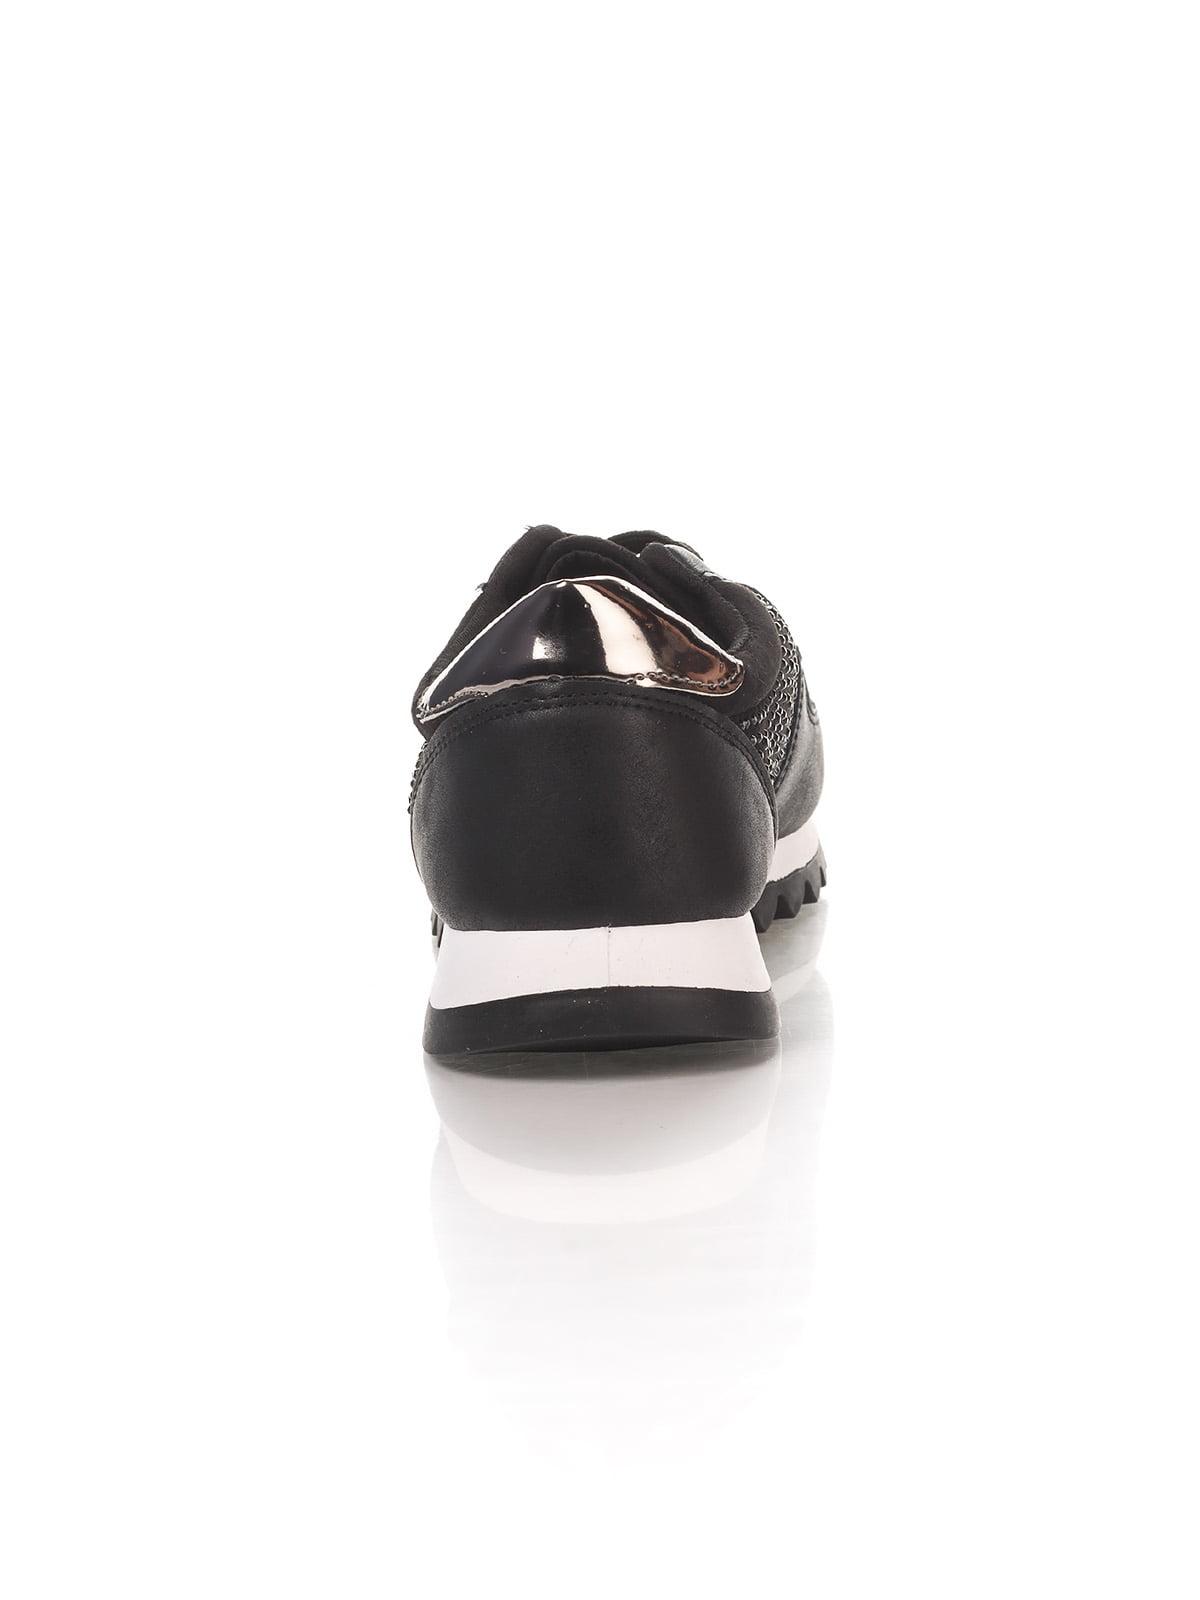 Кроссовки черные | 4367100 | фото 3